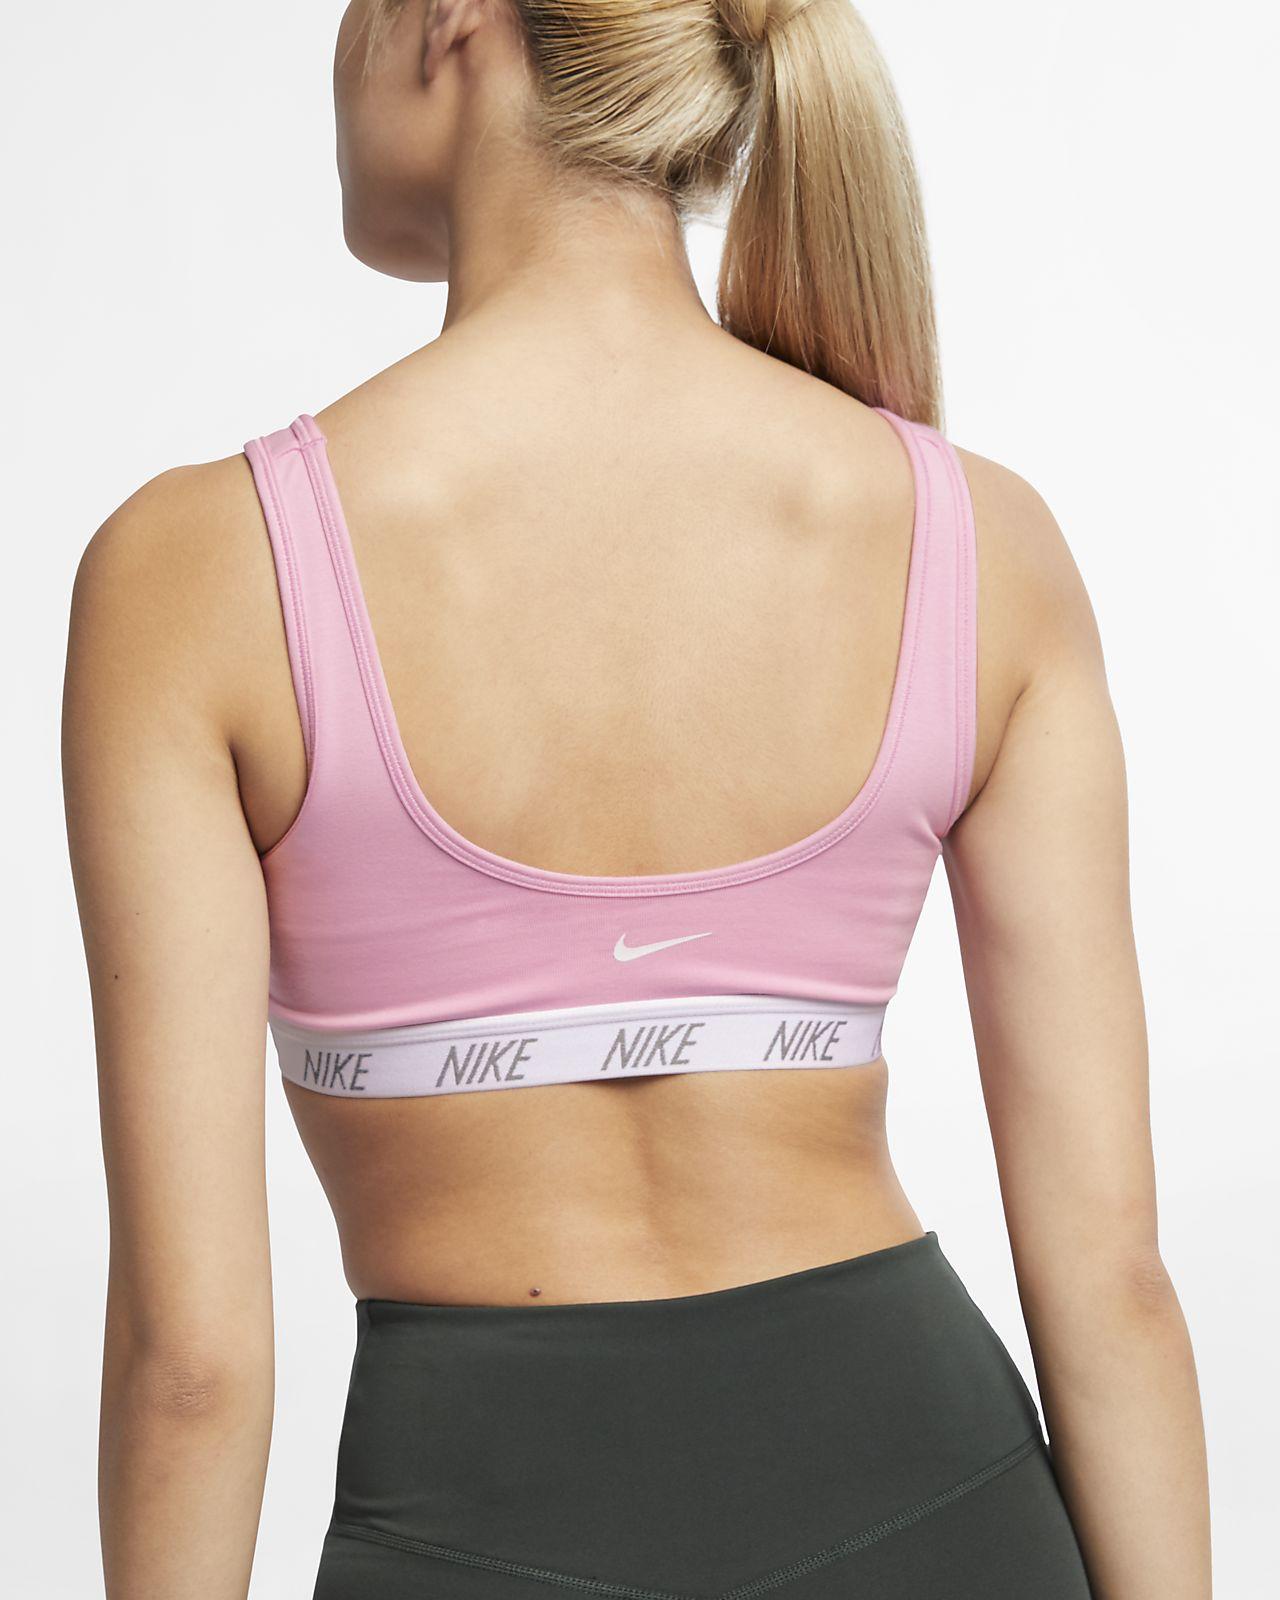 Nike Classic Soft közepes tartást biztosító női sportmelltartó. Nike ... d14c8db75b